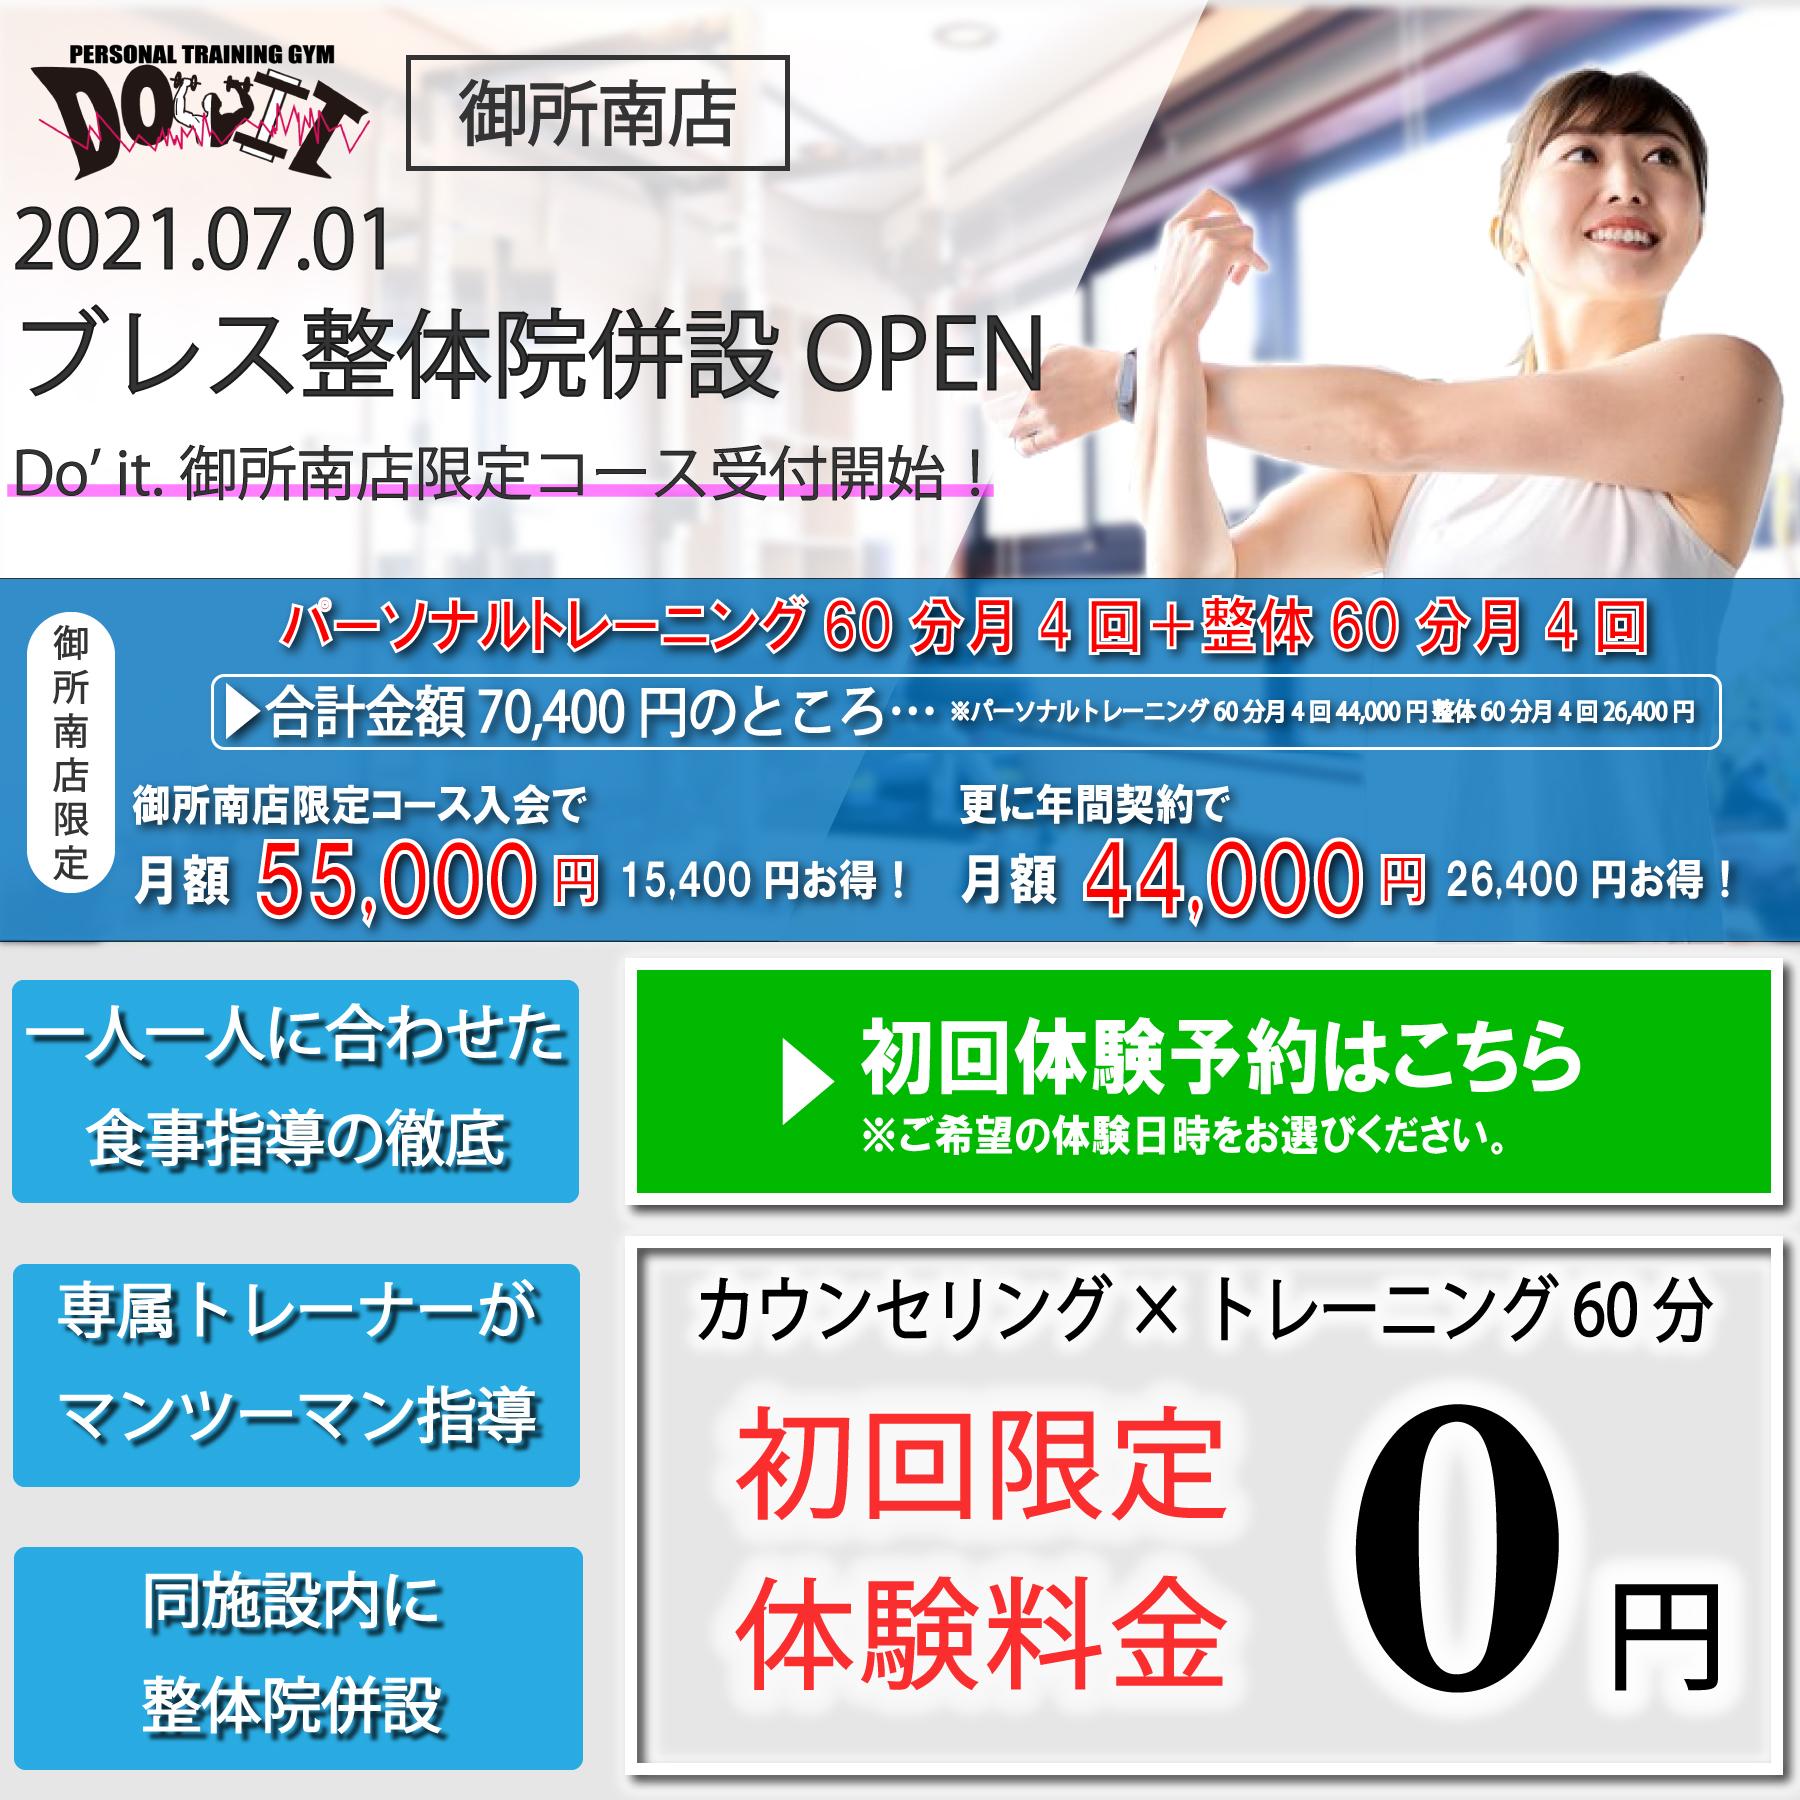 御所南店TOPキャンペーン.jpg